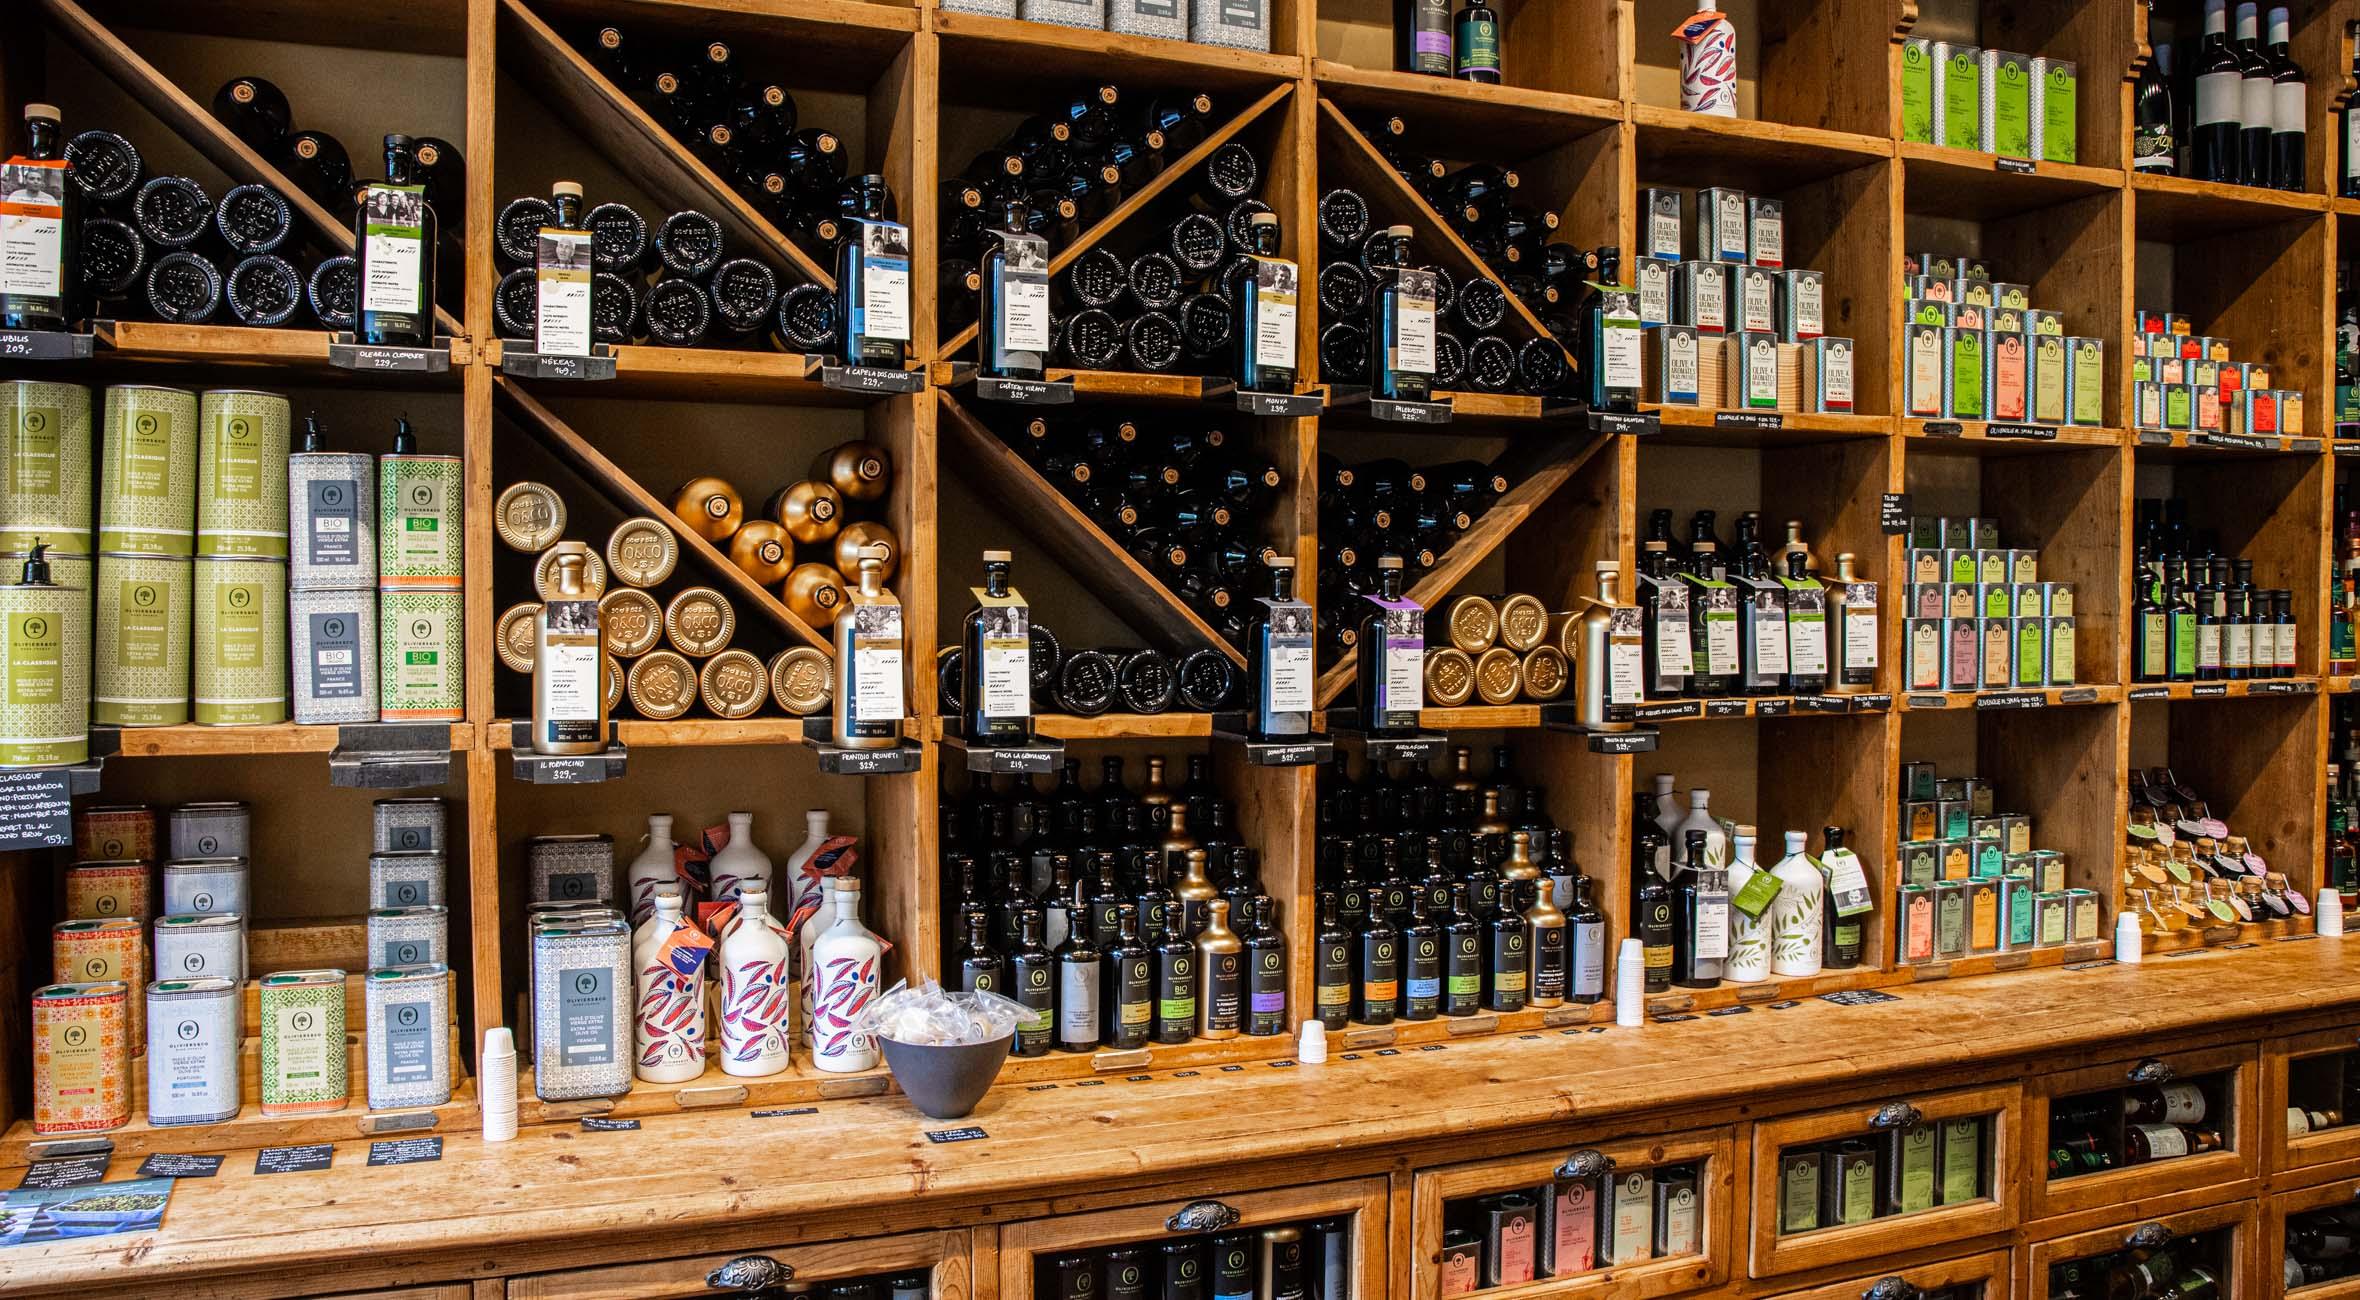 Frit valg til alt hos OLIVIERS & CO på Gl. Kongevej – Få alt fra olivenolier til balsamico, trøffelolier og delikatesser kreeret af verdenskendte Michelin-kokke